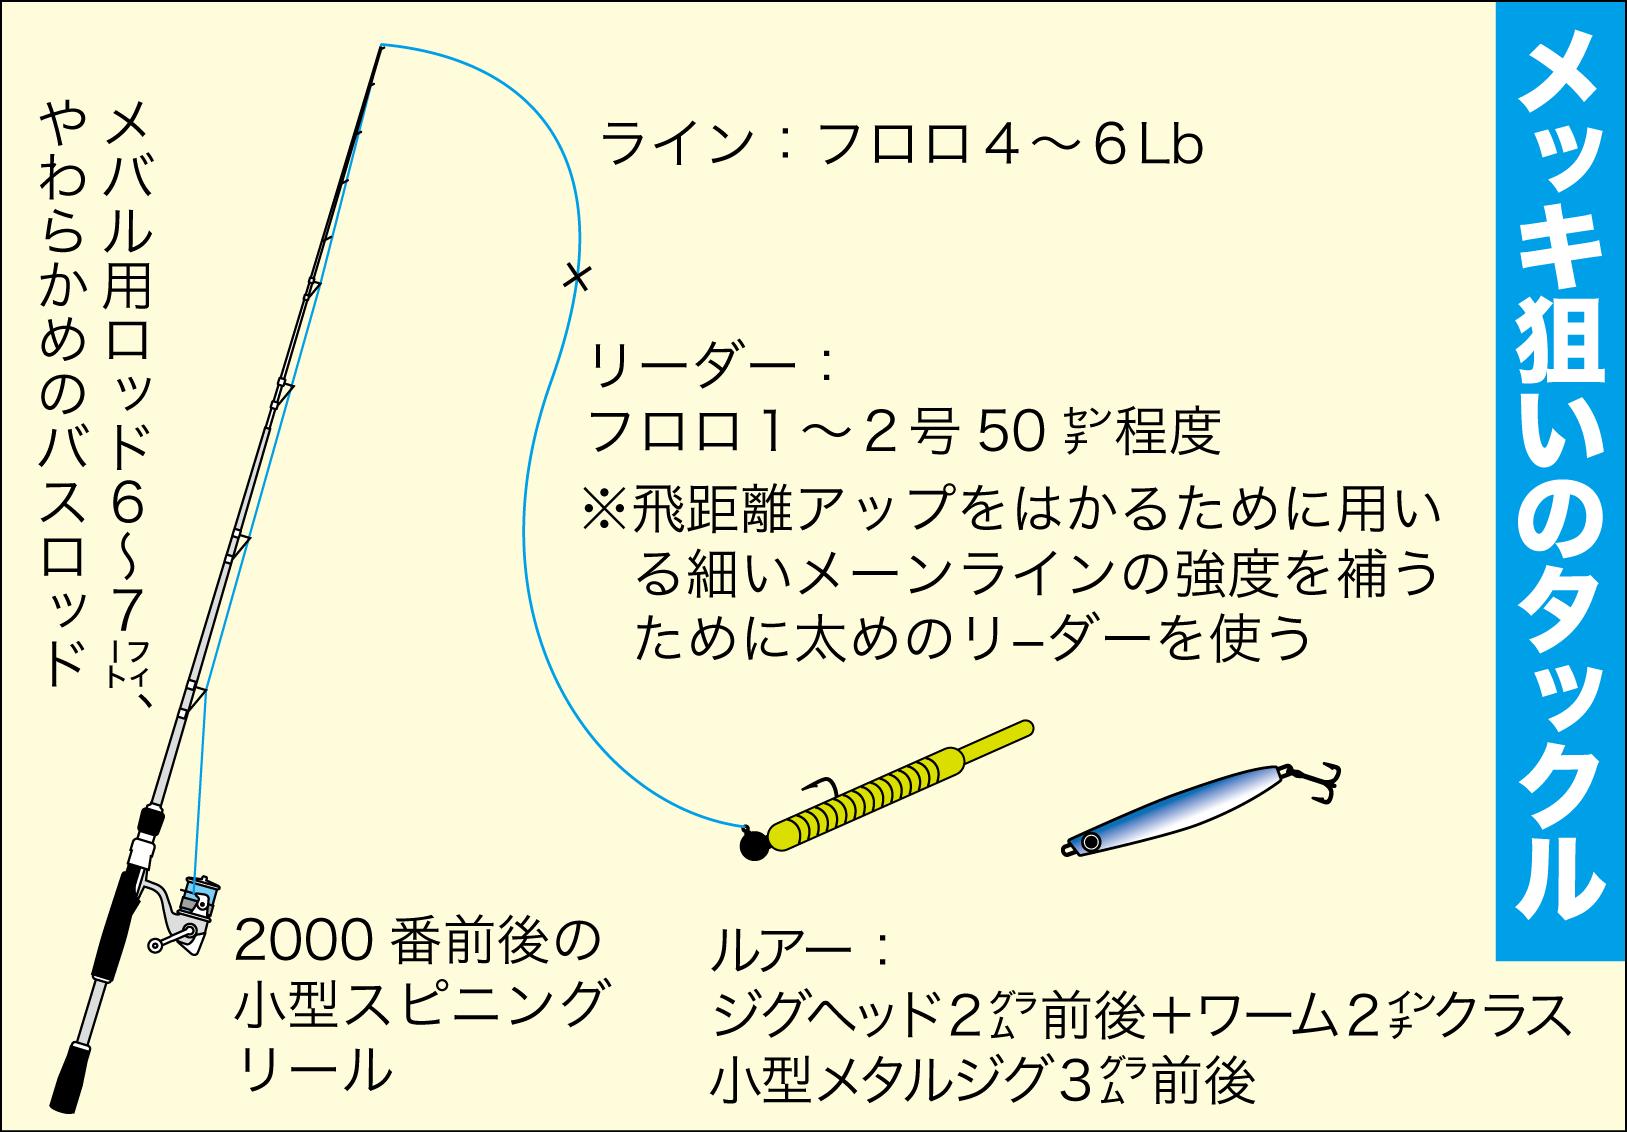 日置川のタックル